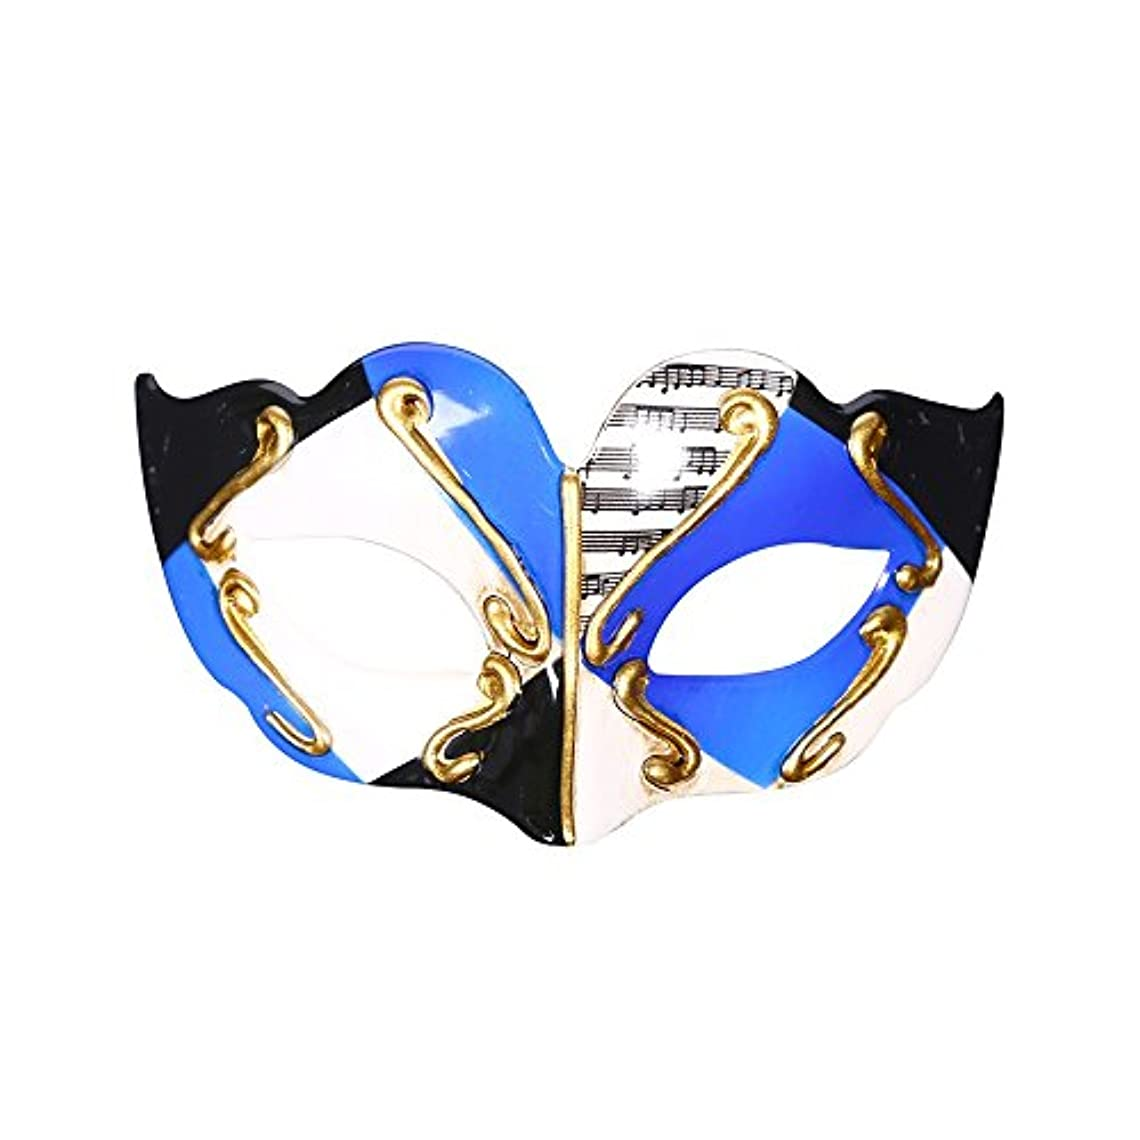 施し完全に乾く発行ハロウィーン仮装マスクフラットヘッドハーフフェイスハードプラスチック子供用マスク (Color : #3)